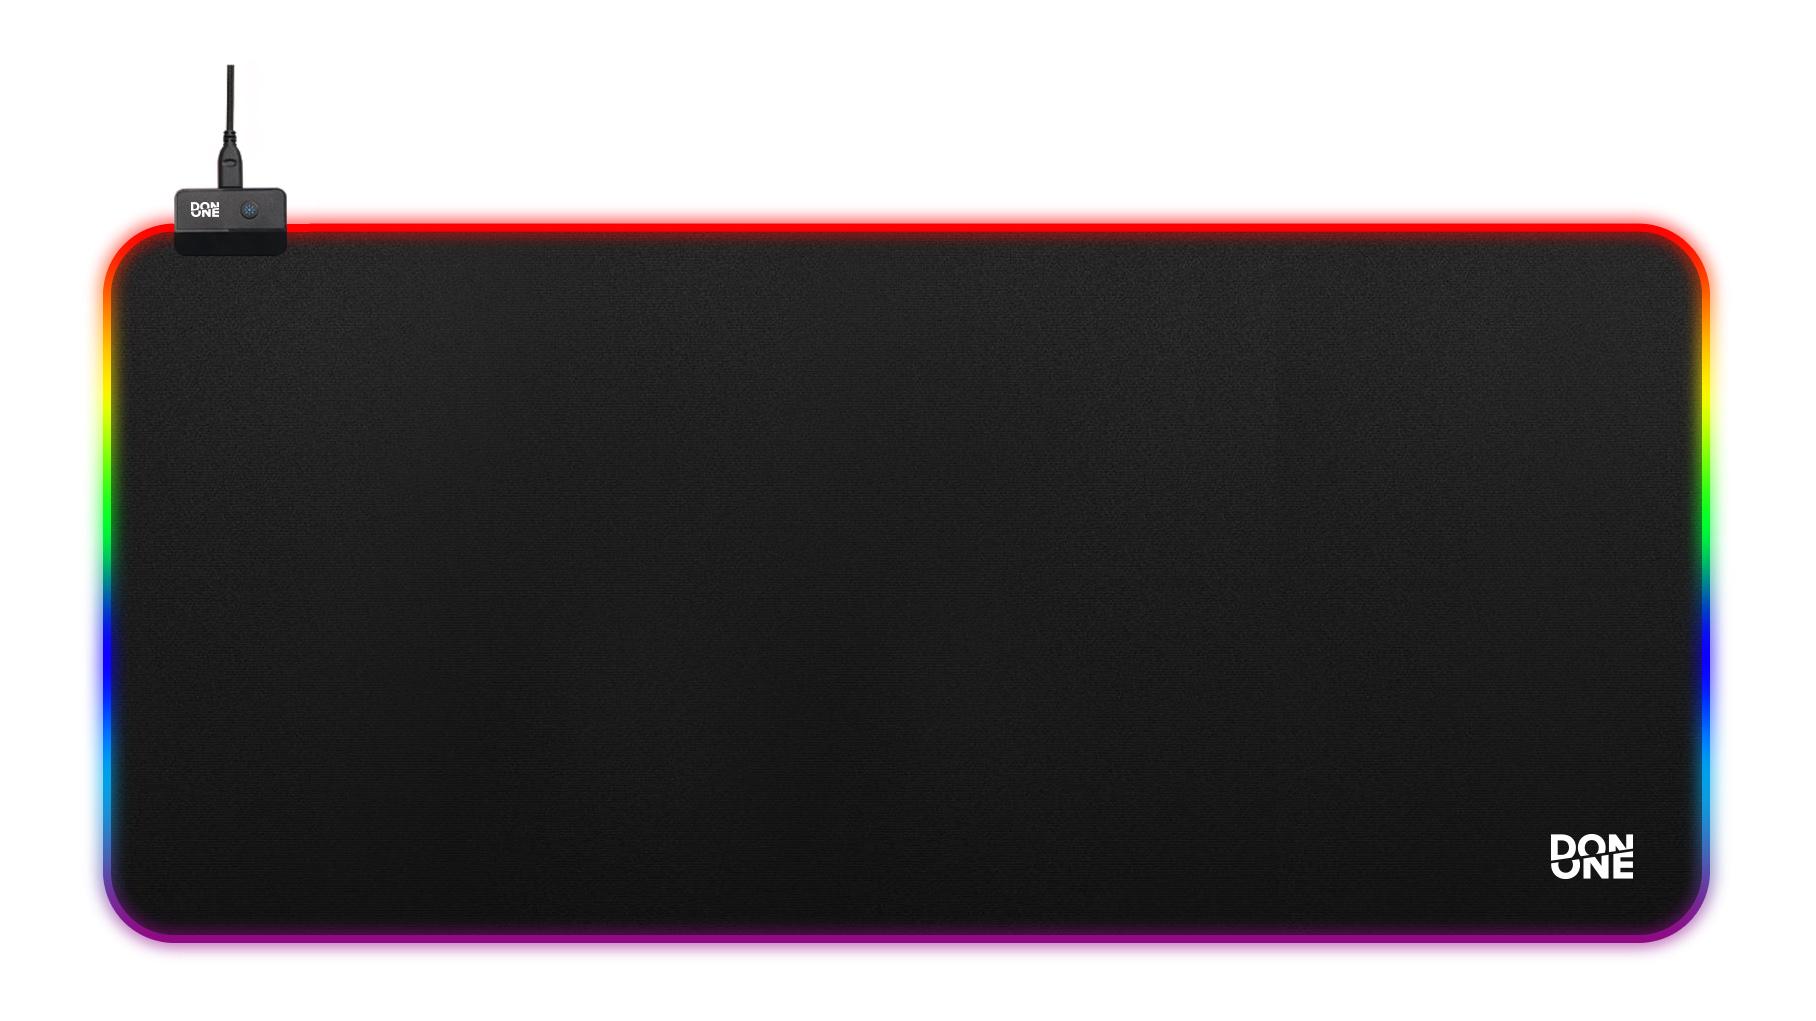 Billede af DON ONE - MP900 RGB Gaming Musemåtte XL - Soft Surface (90 x 40 CM)